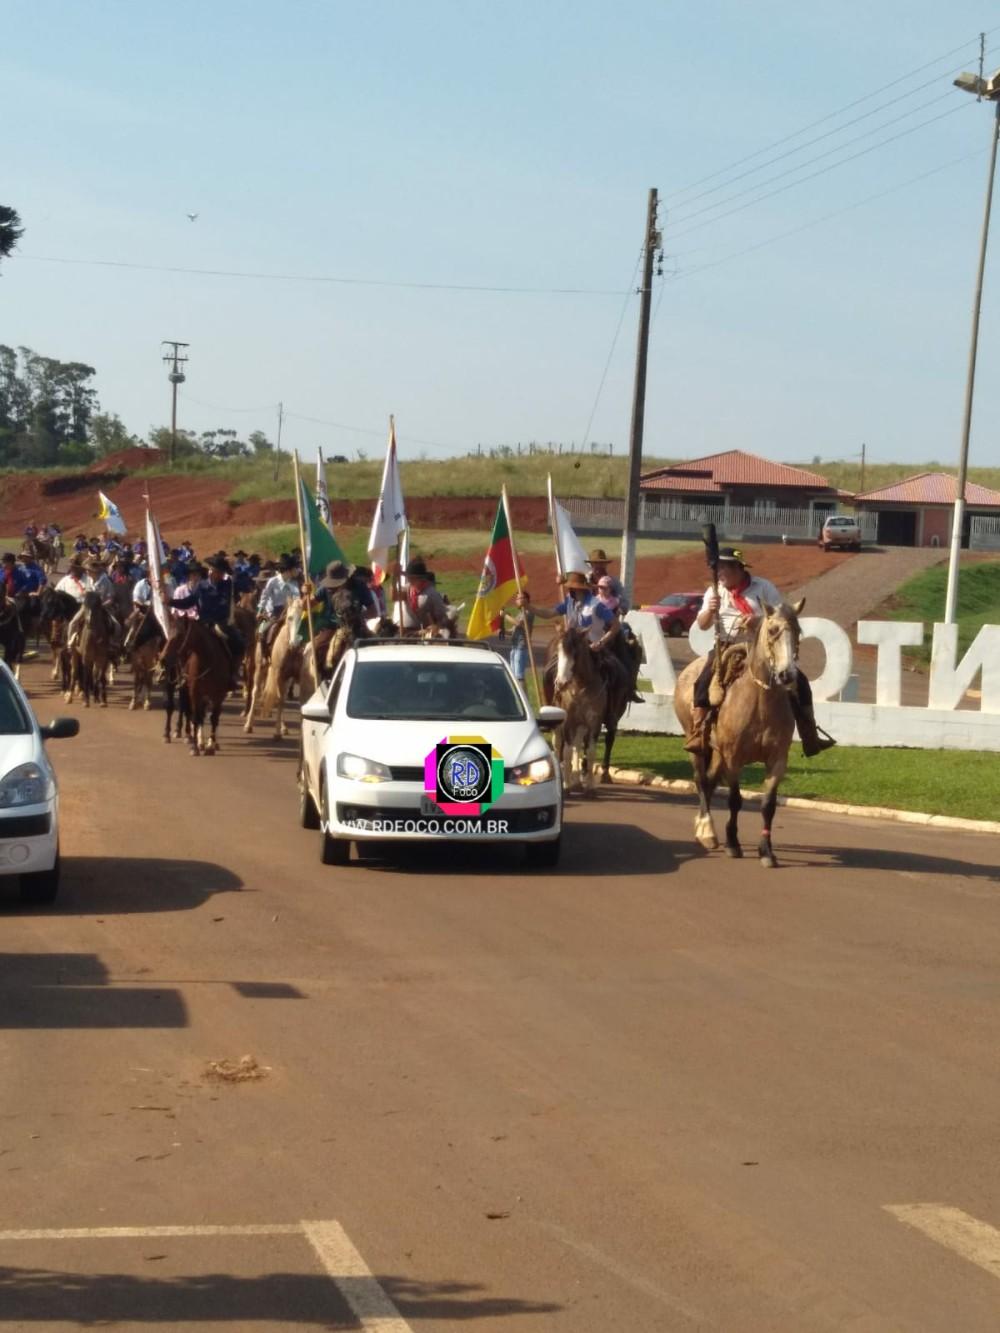 Chegada dos cavalarianos na Praça Redenção em Redentora - RD Foco